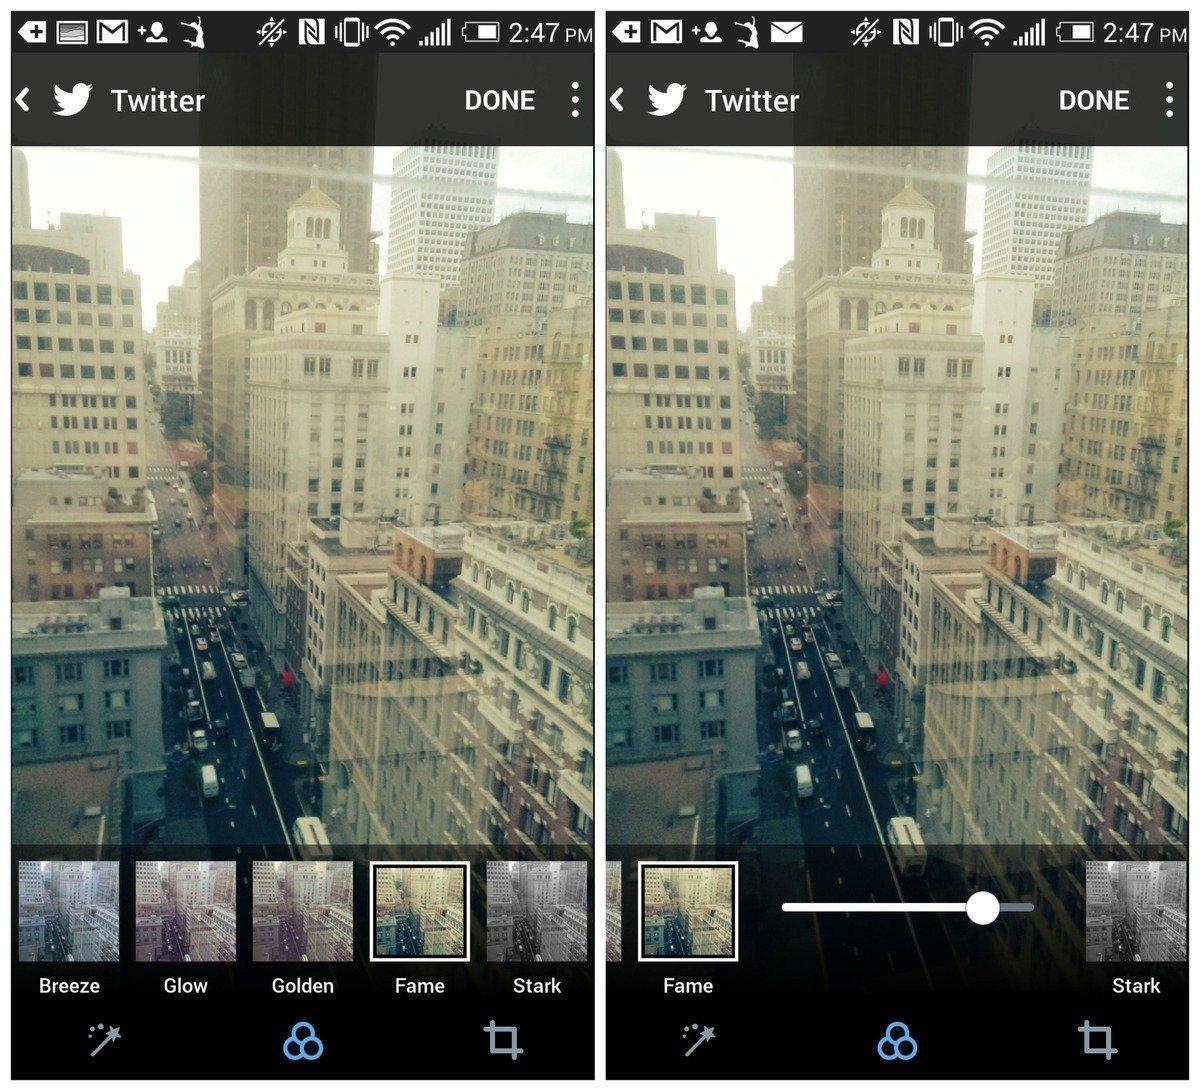 Twitter sempre più simile a Instagram con i nuovi filtri fotografici